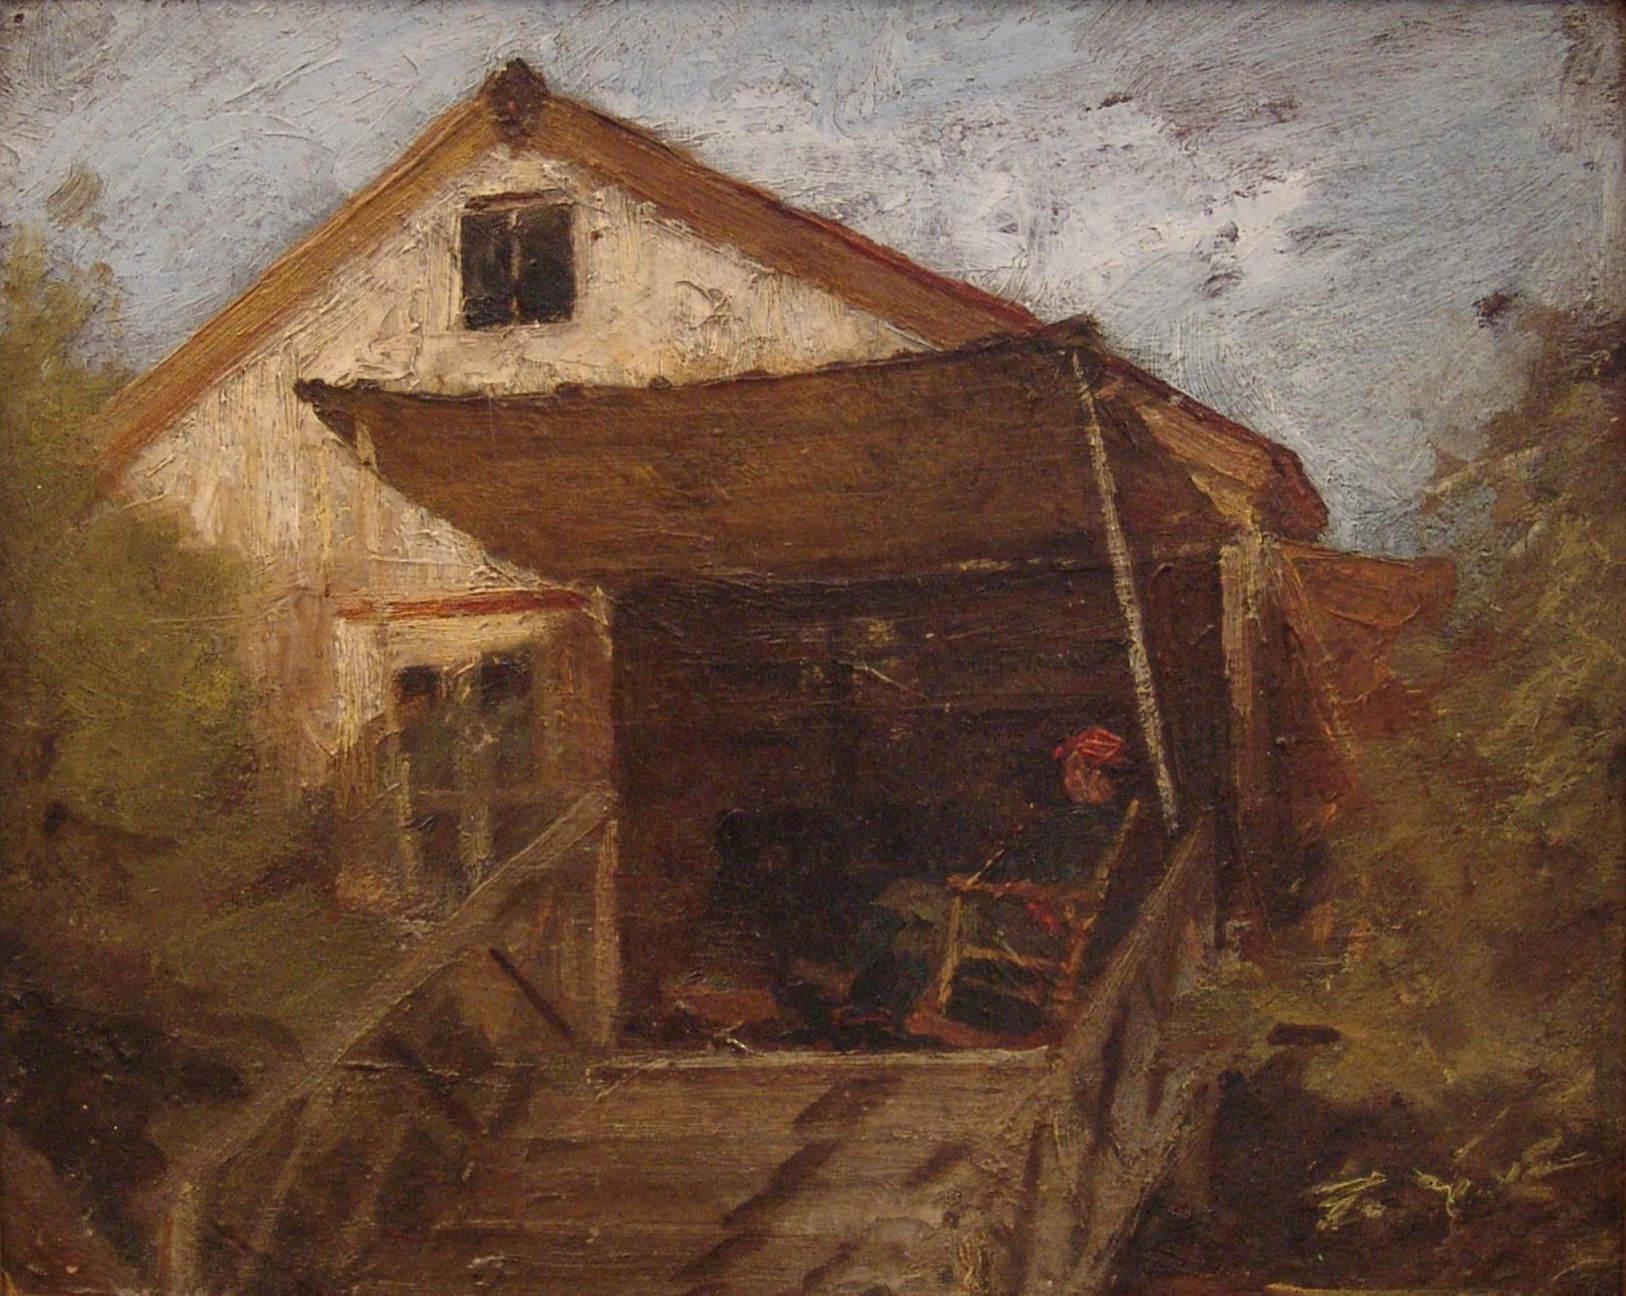 frank duveneck artist